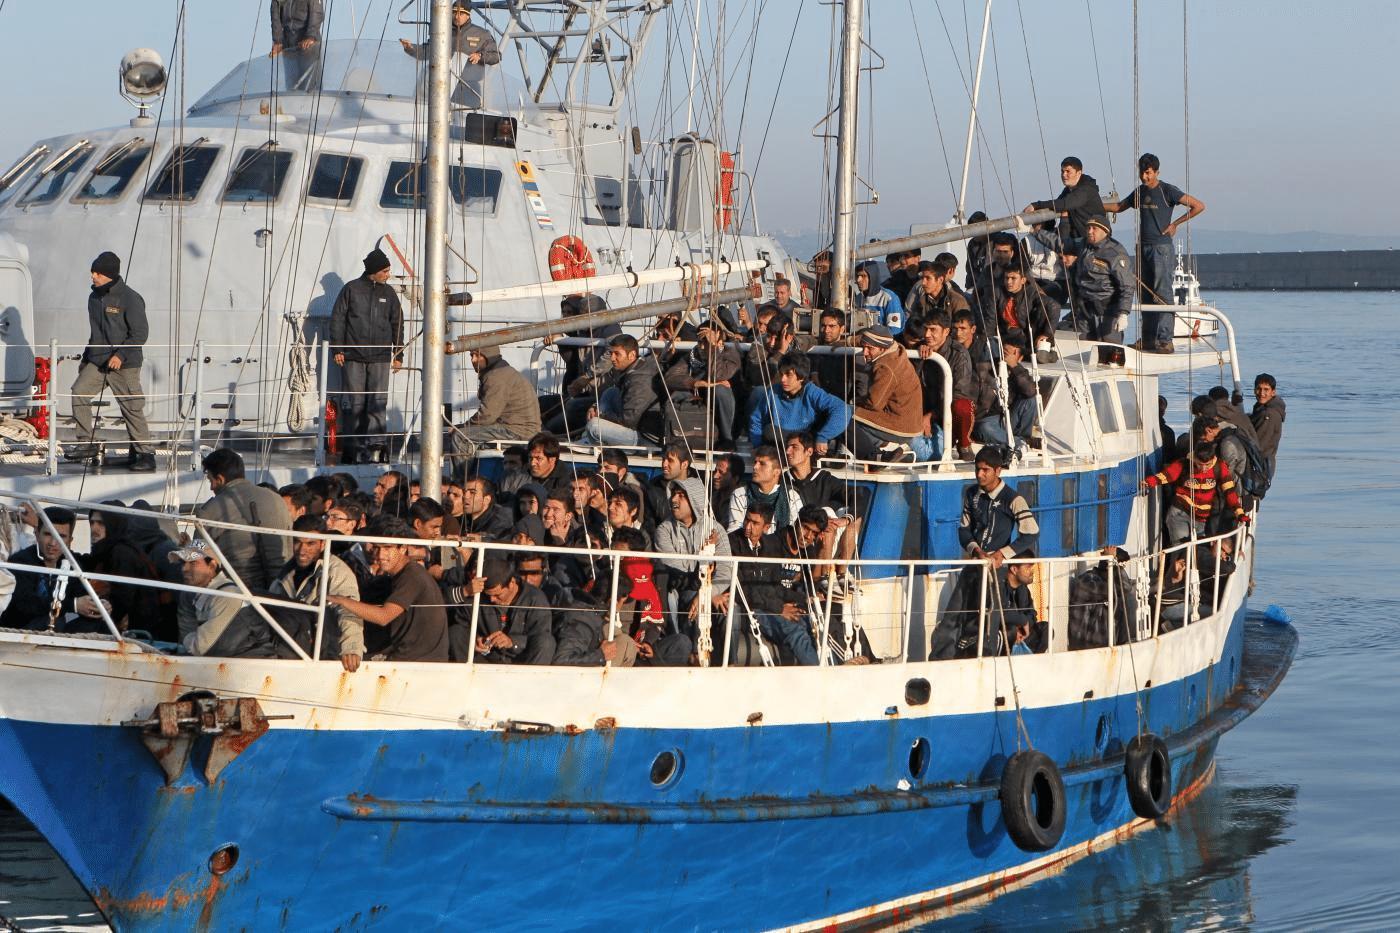 10 mila dei 23.720 migranti giunti dal primo gennaio sono tunisini.<br> Abbiamo donato 61 milioni di euro alla Tunisia in 5 mesi, ma il Paese africano continua a inviarci clandestini